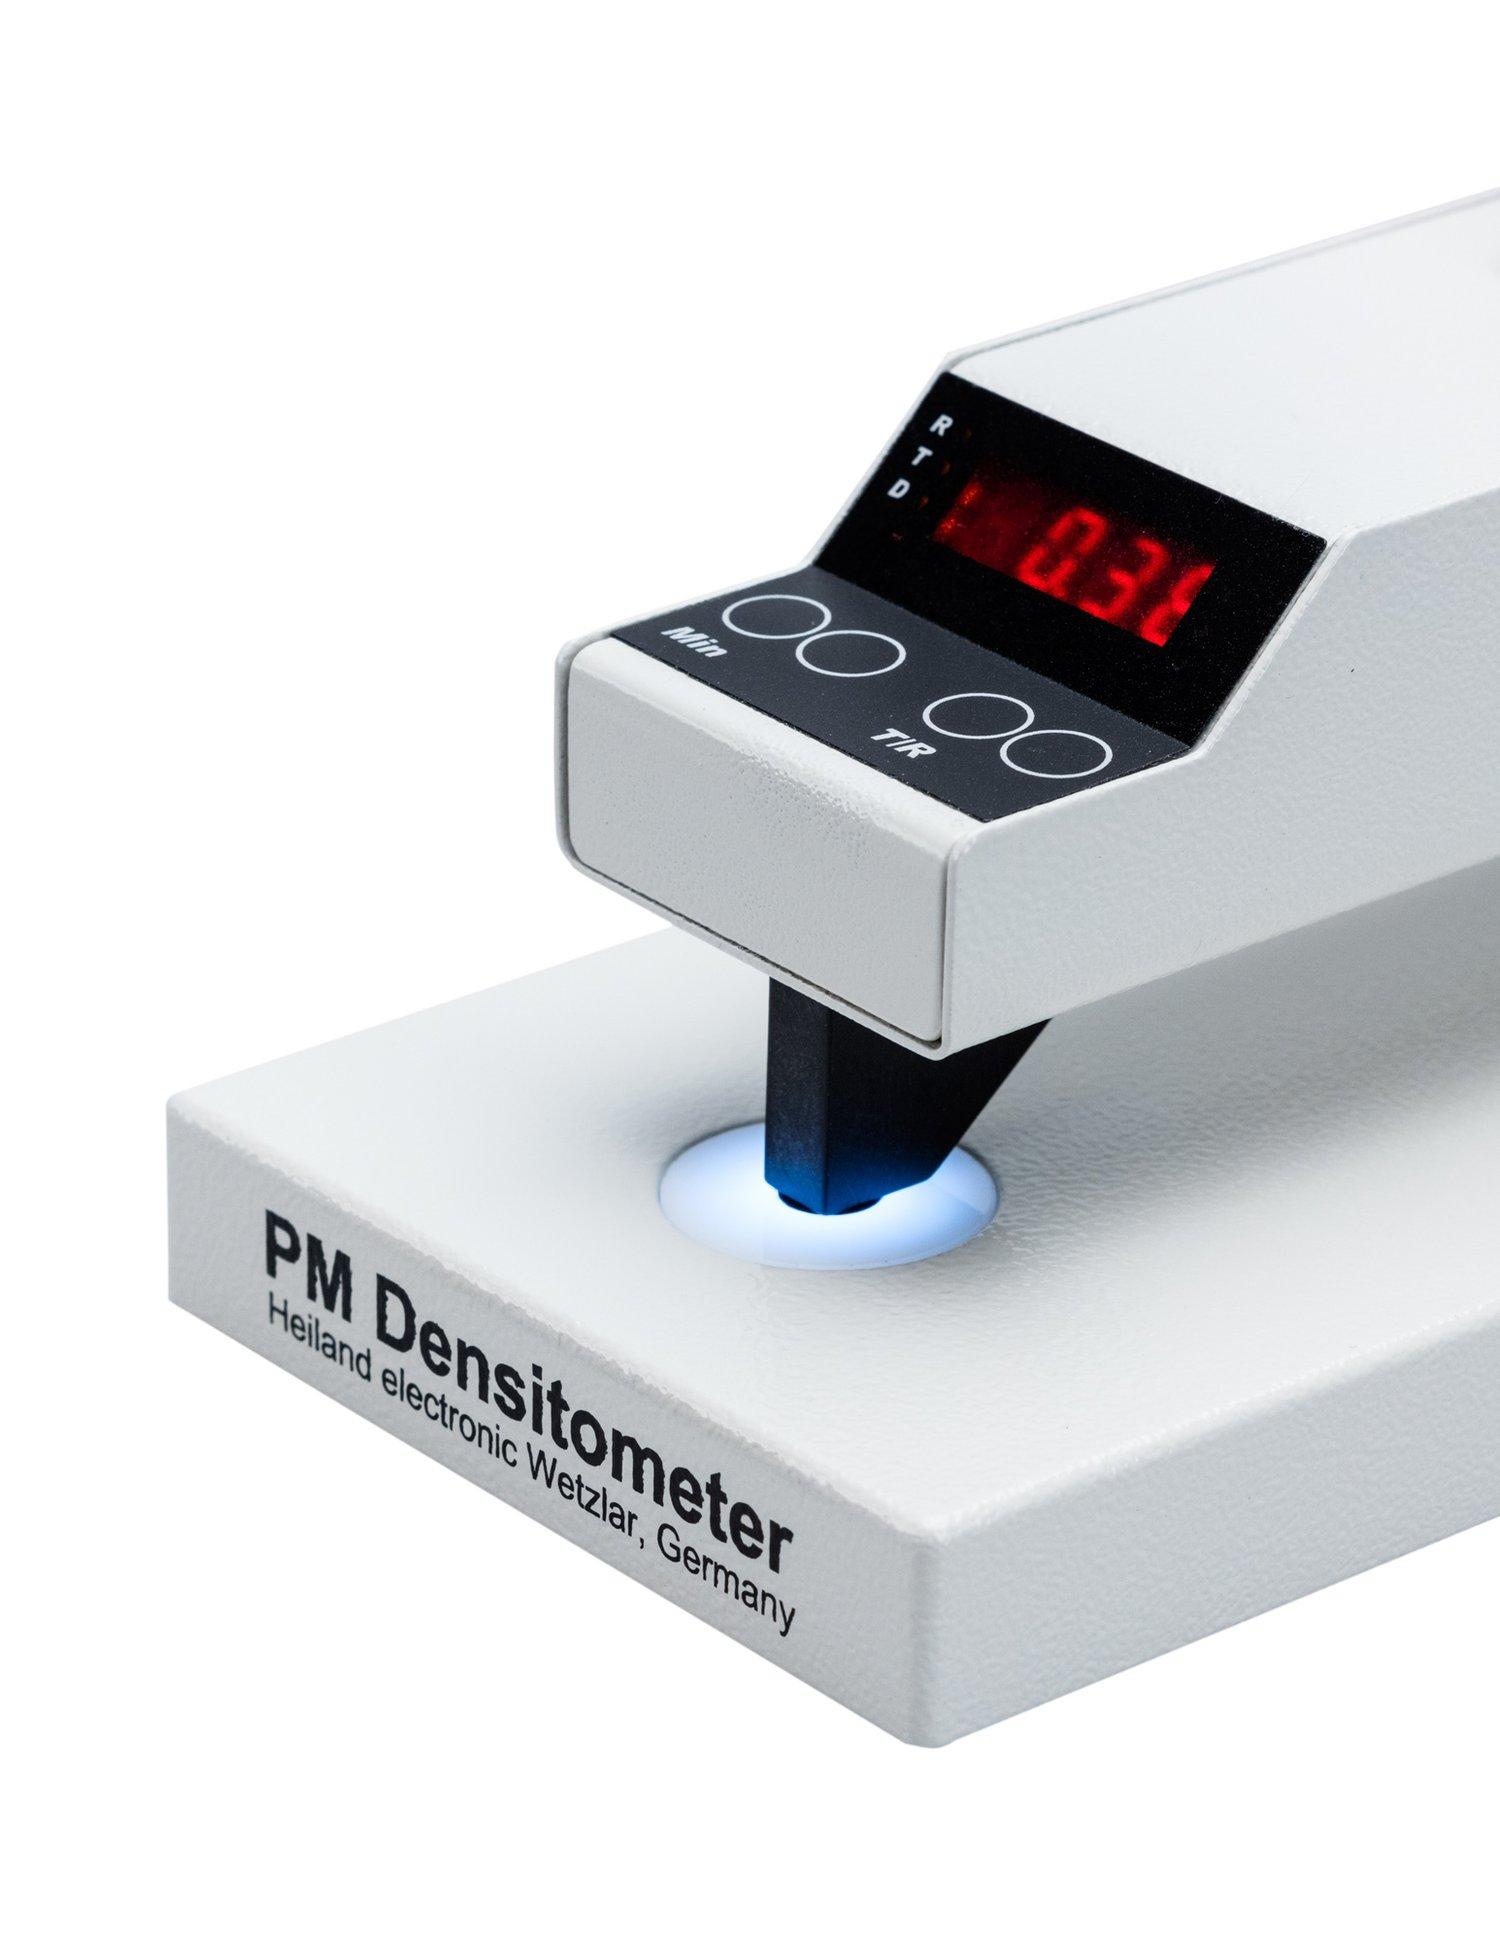 Image of Heiland Densitometer